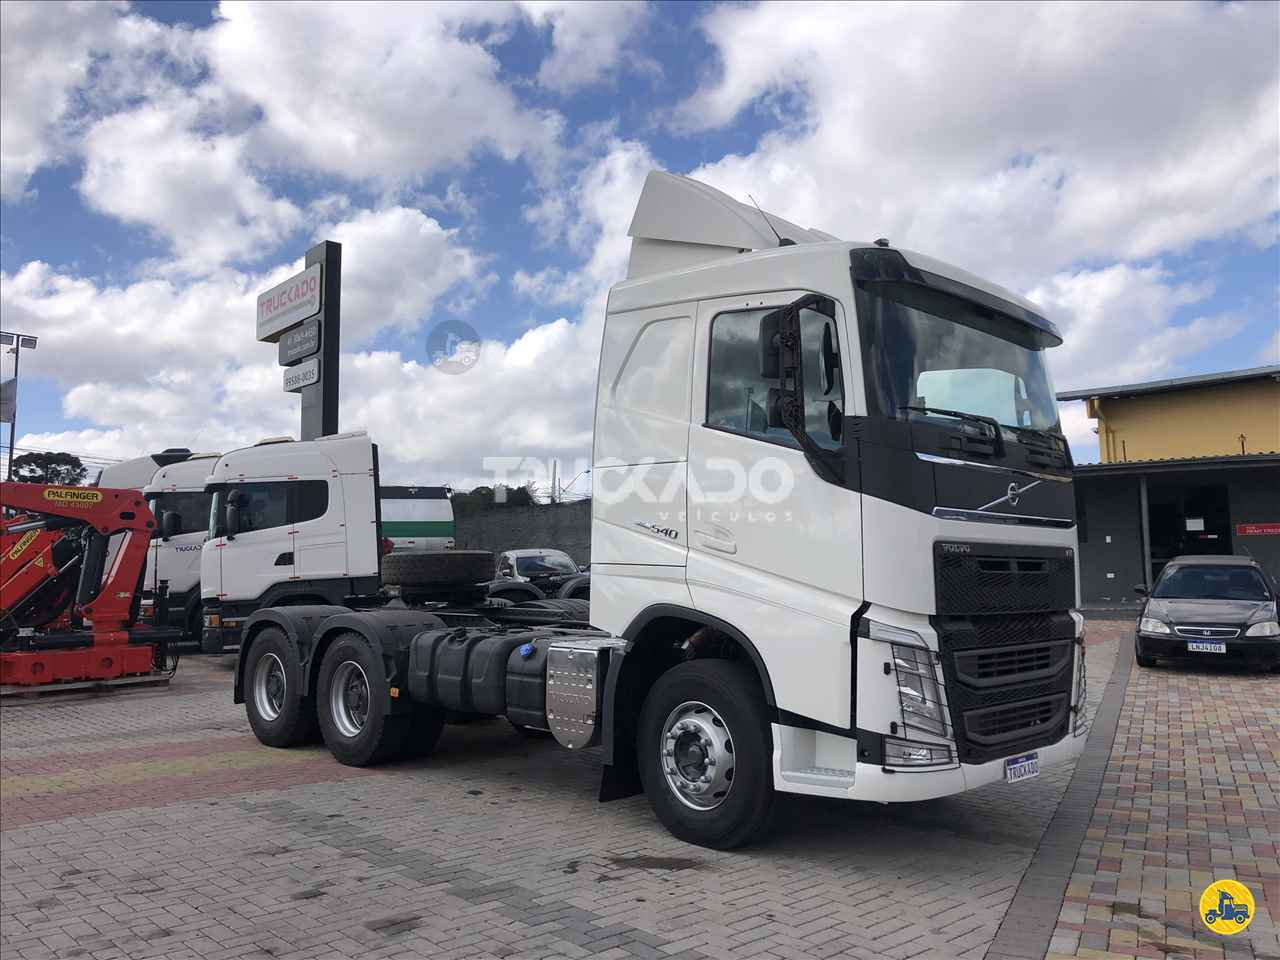 VOLVO FH 540 de Truckado Veículos - SINOP/MT